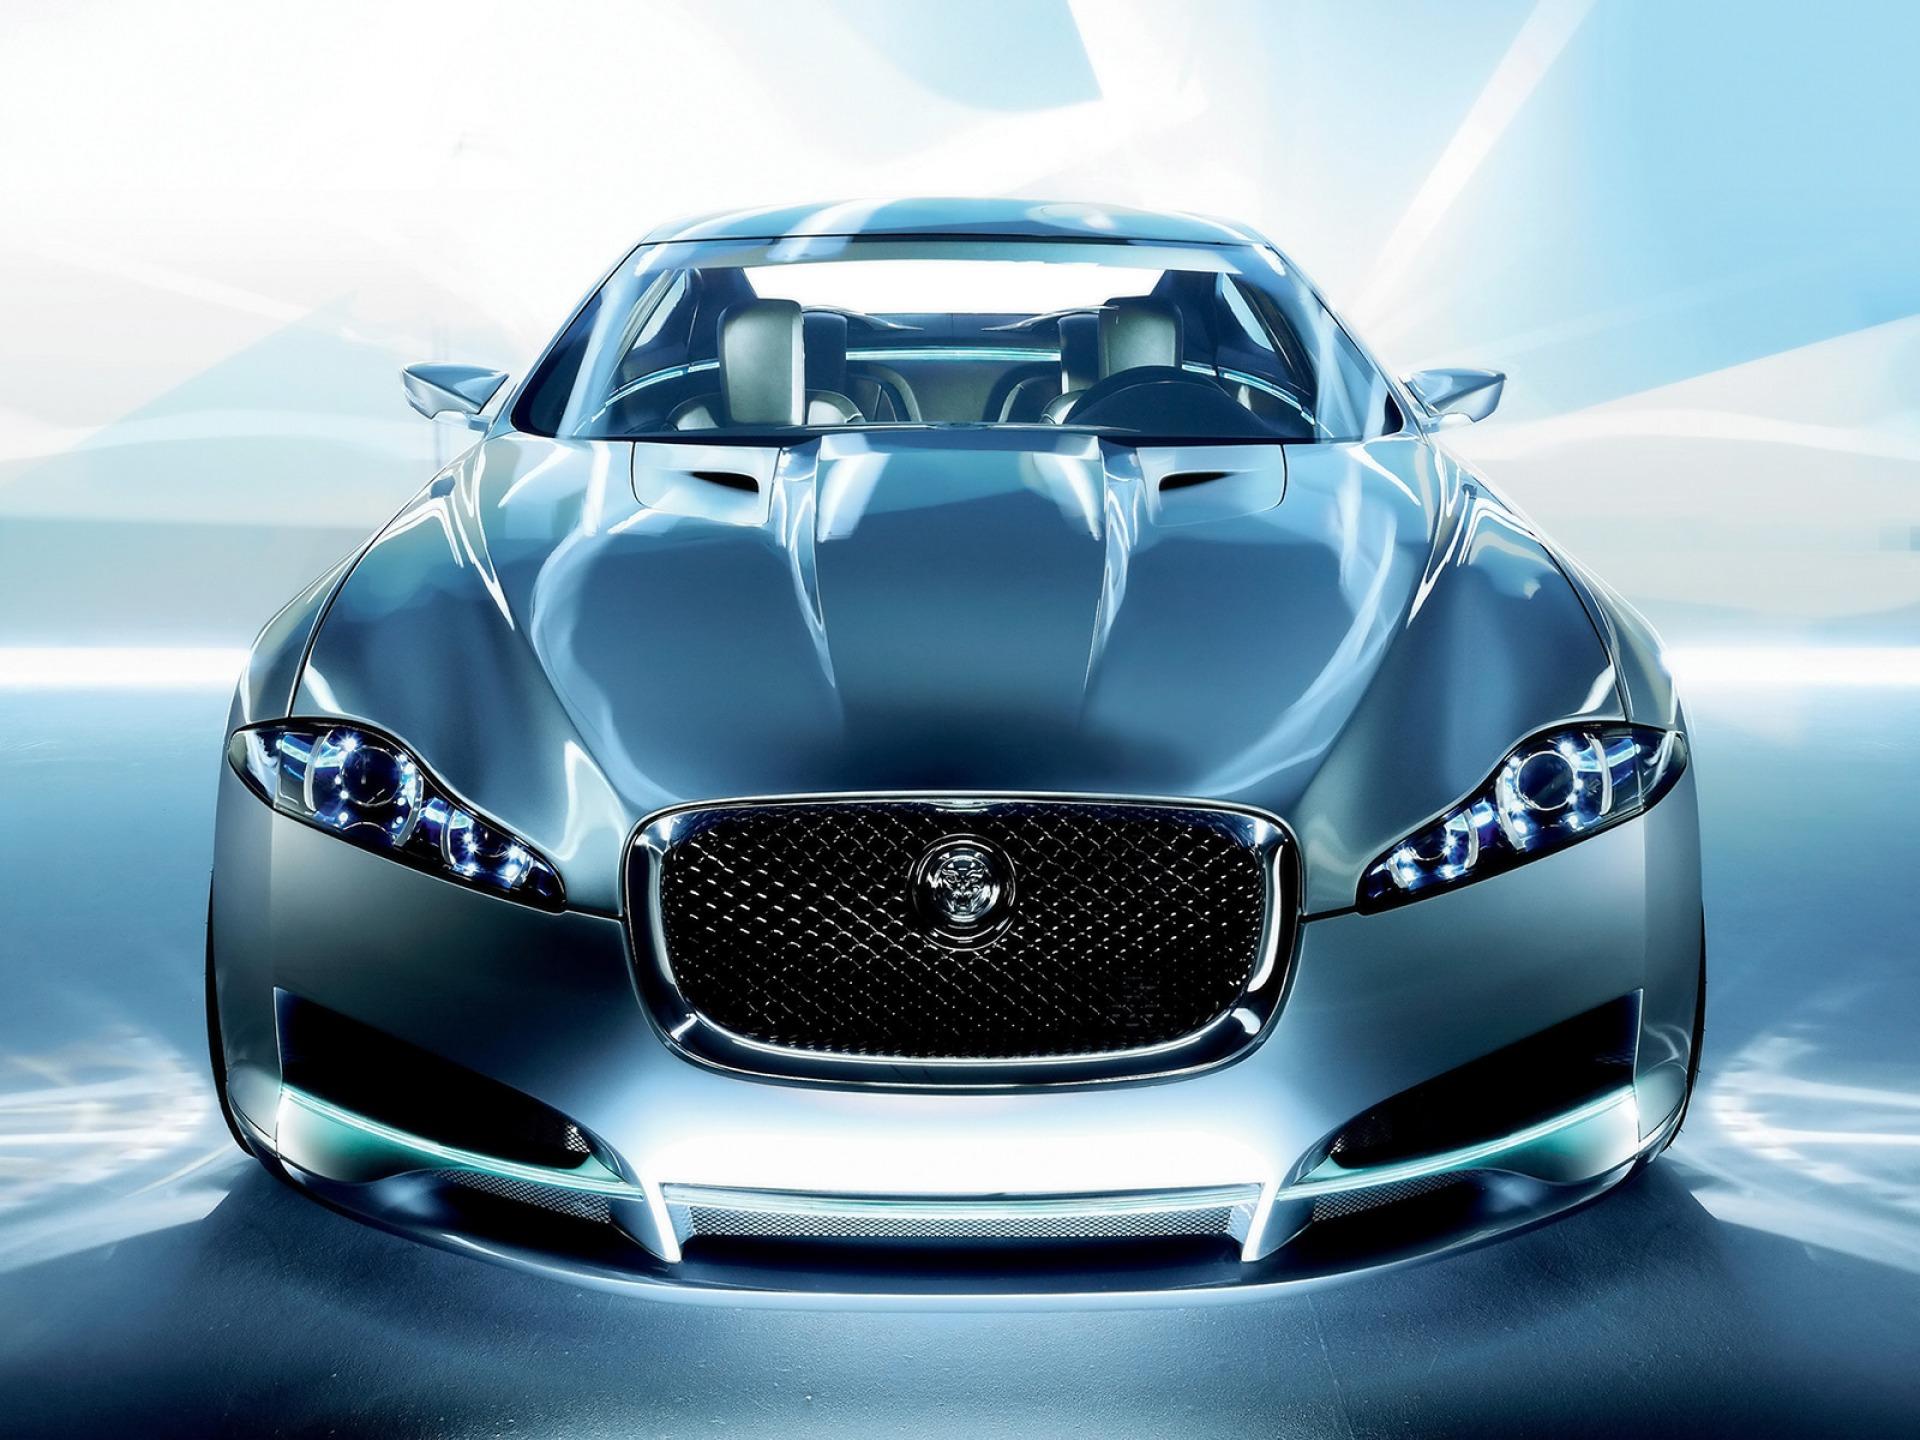 Wallpaper download jaguar - Jaguar C Xf Front Wallpaper Concept Cars